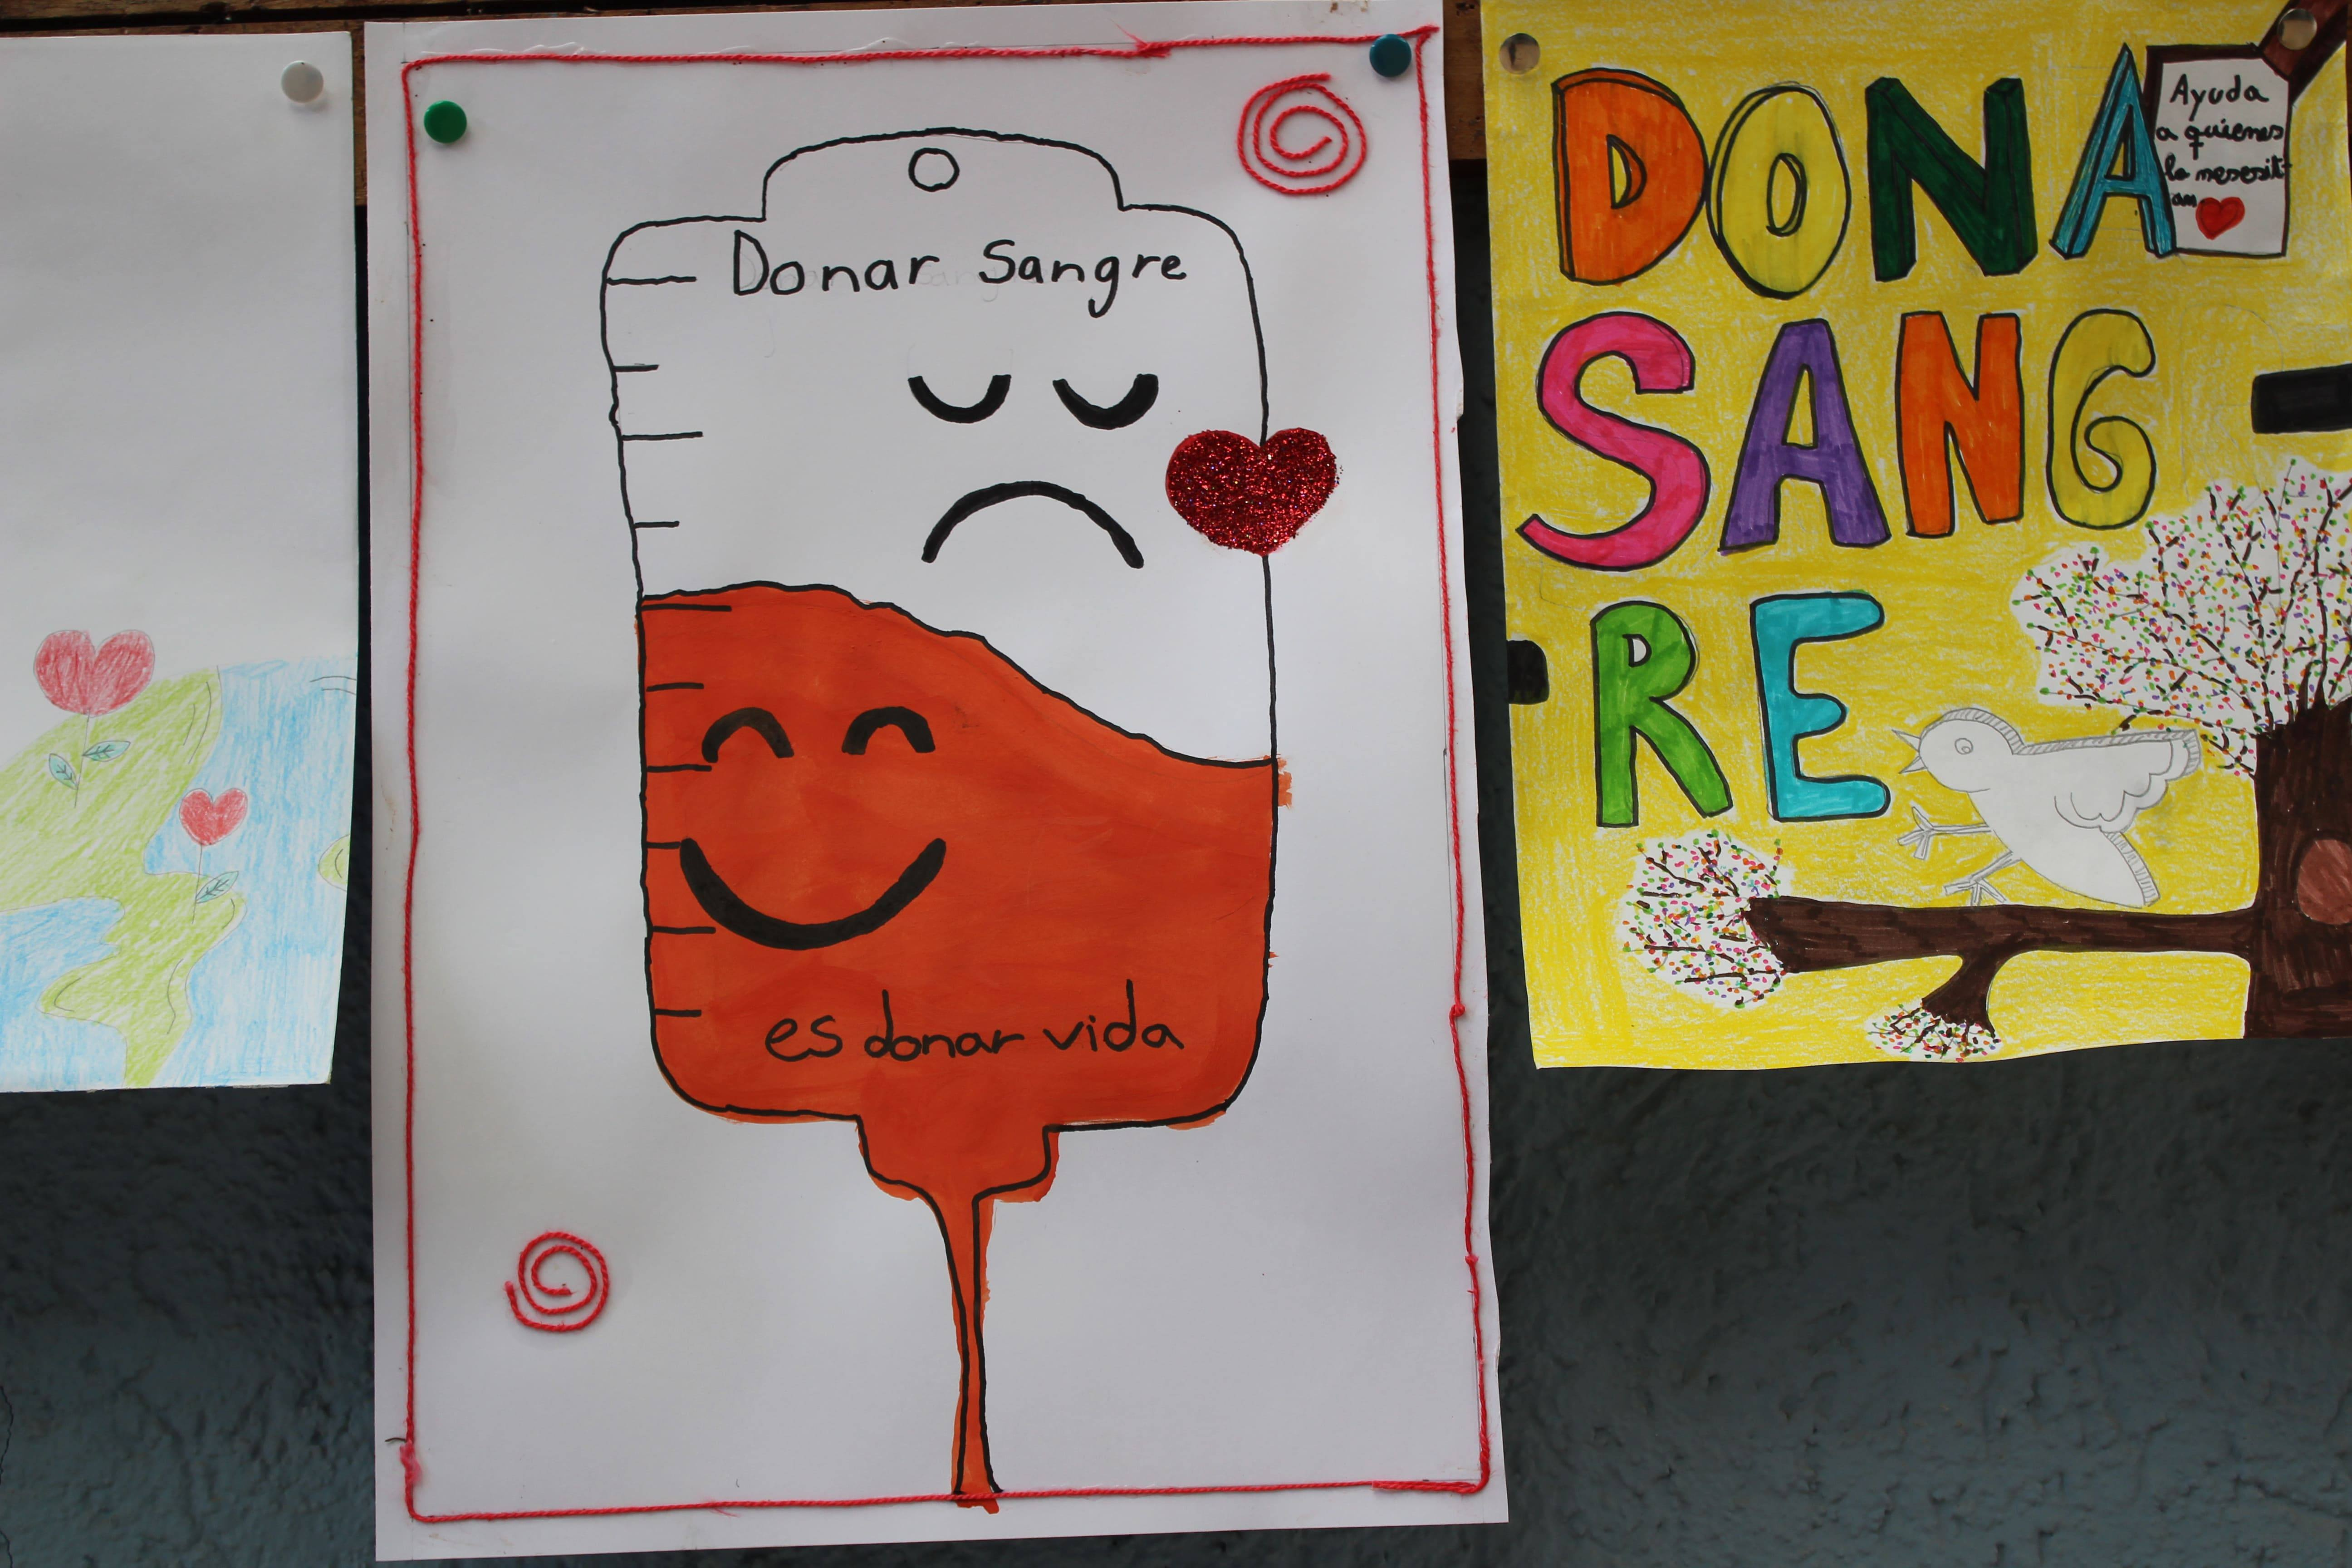 La Campaña de donación de sangre en imágenes